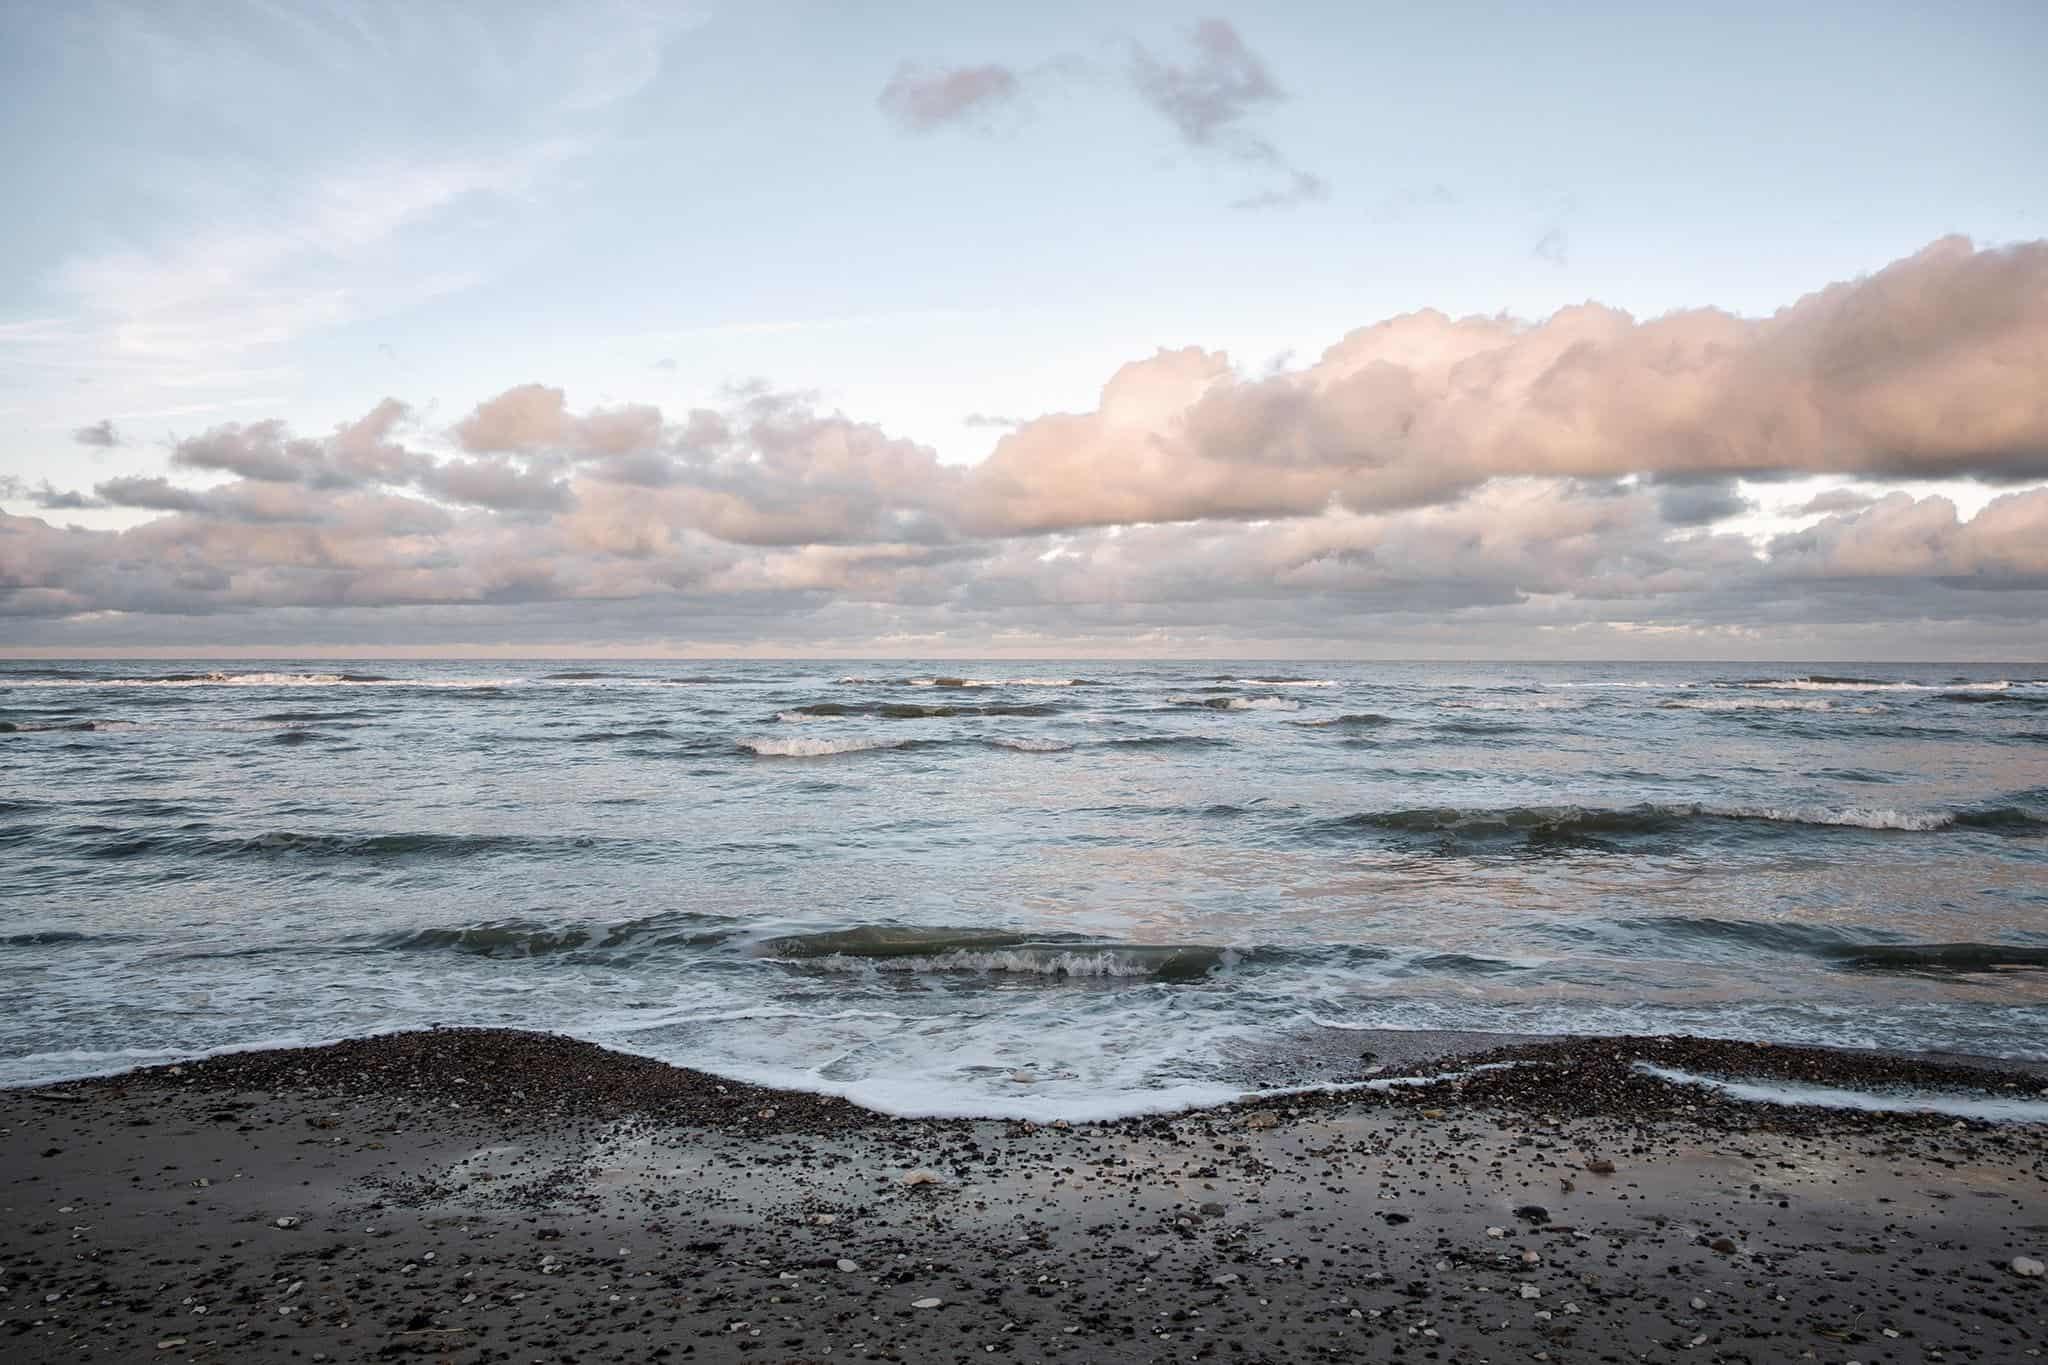 Foto: Kristian Amby. Vesterhavet